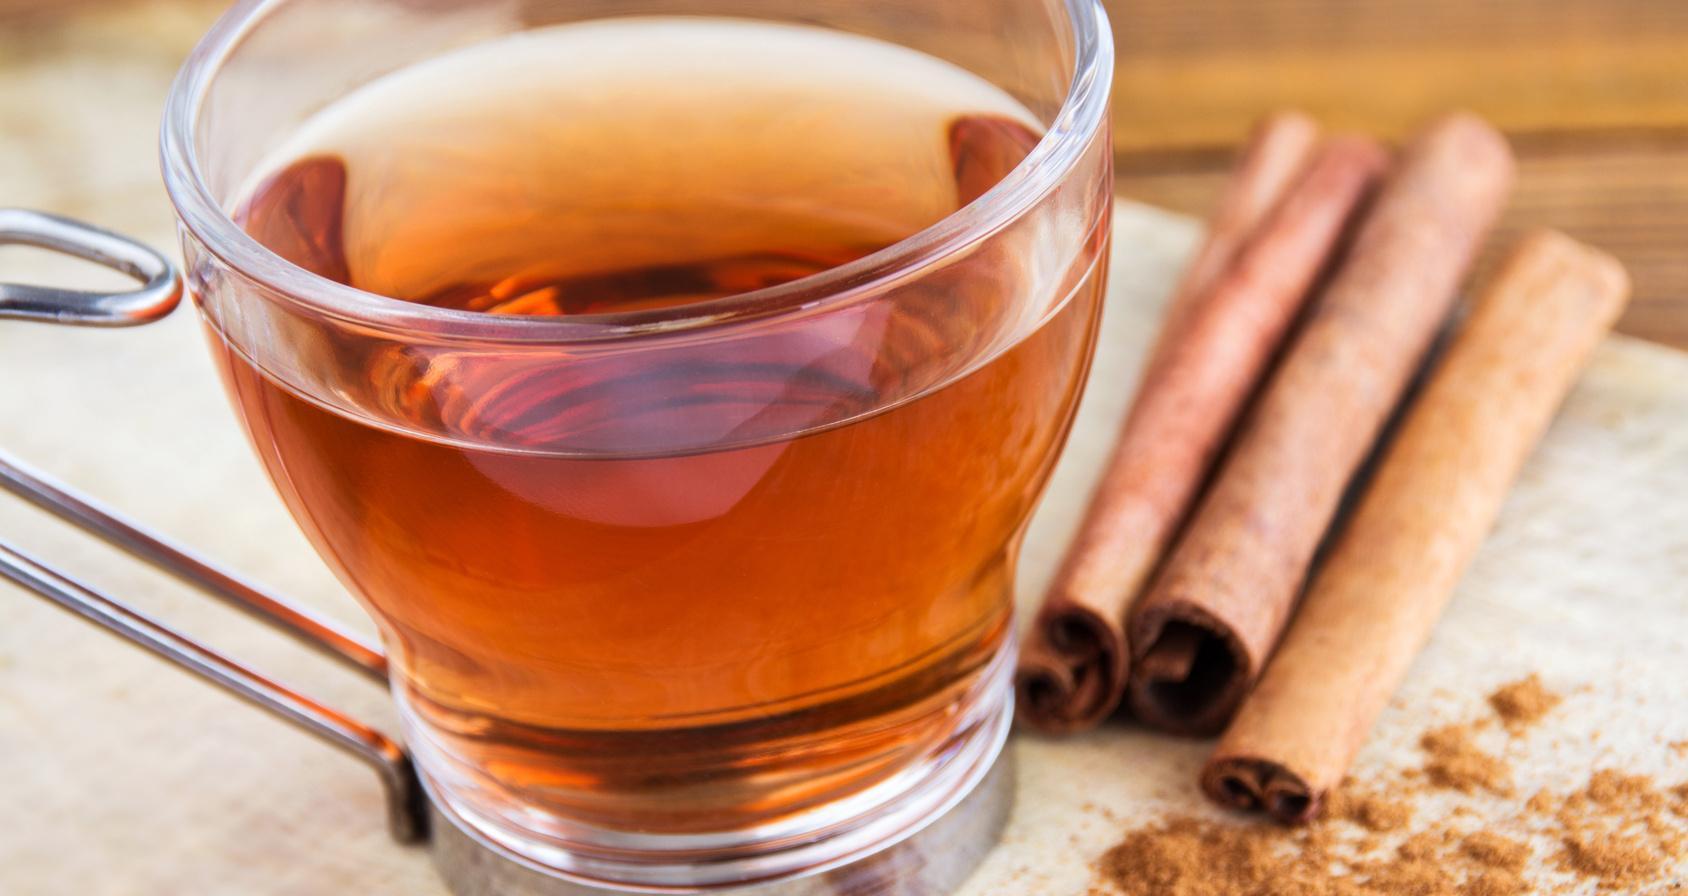 Contraindicações do Chá de Canela